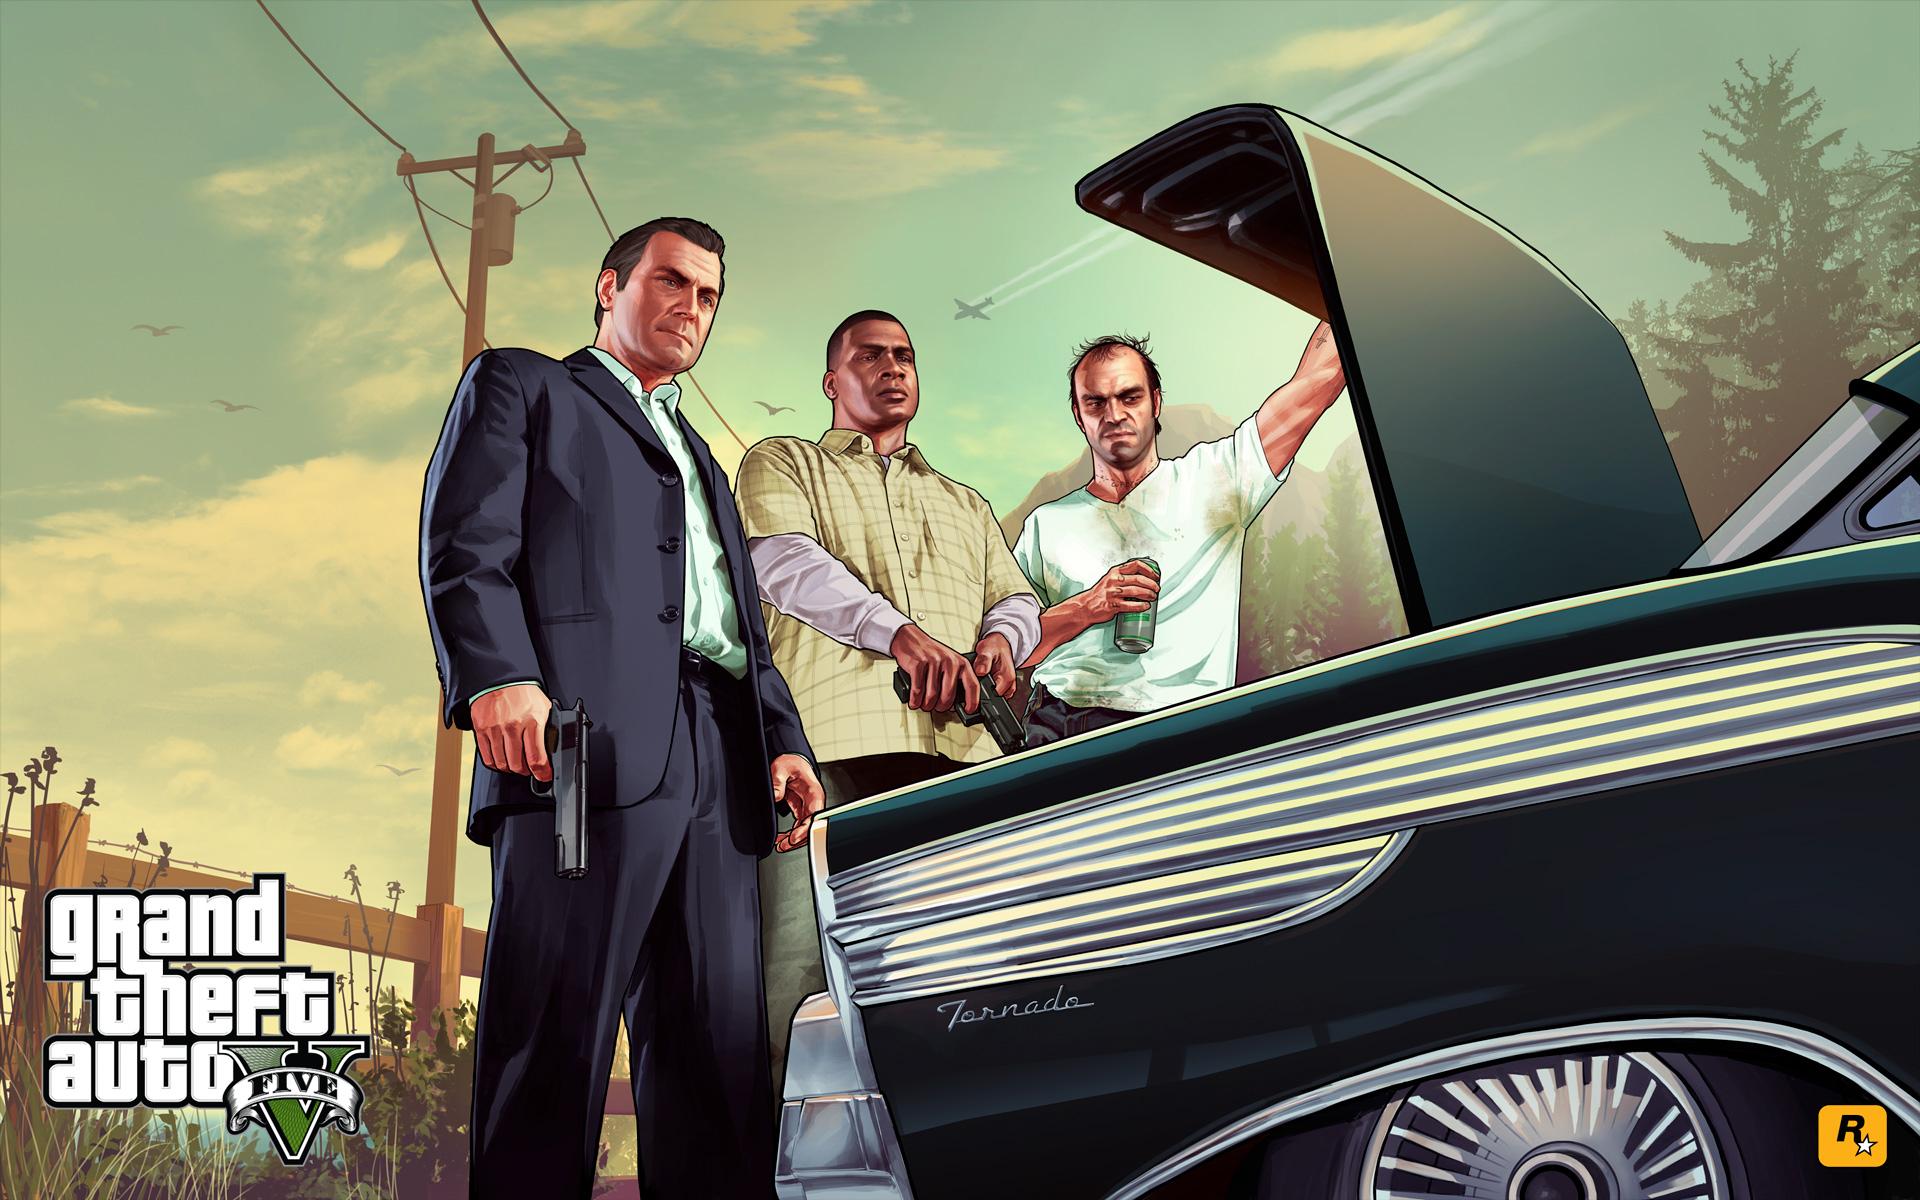 Telecharger Gta 5 Pc Gratuit | Télécharger Grand Theft Auto tout Jeux De Grand Gratuit